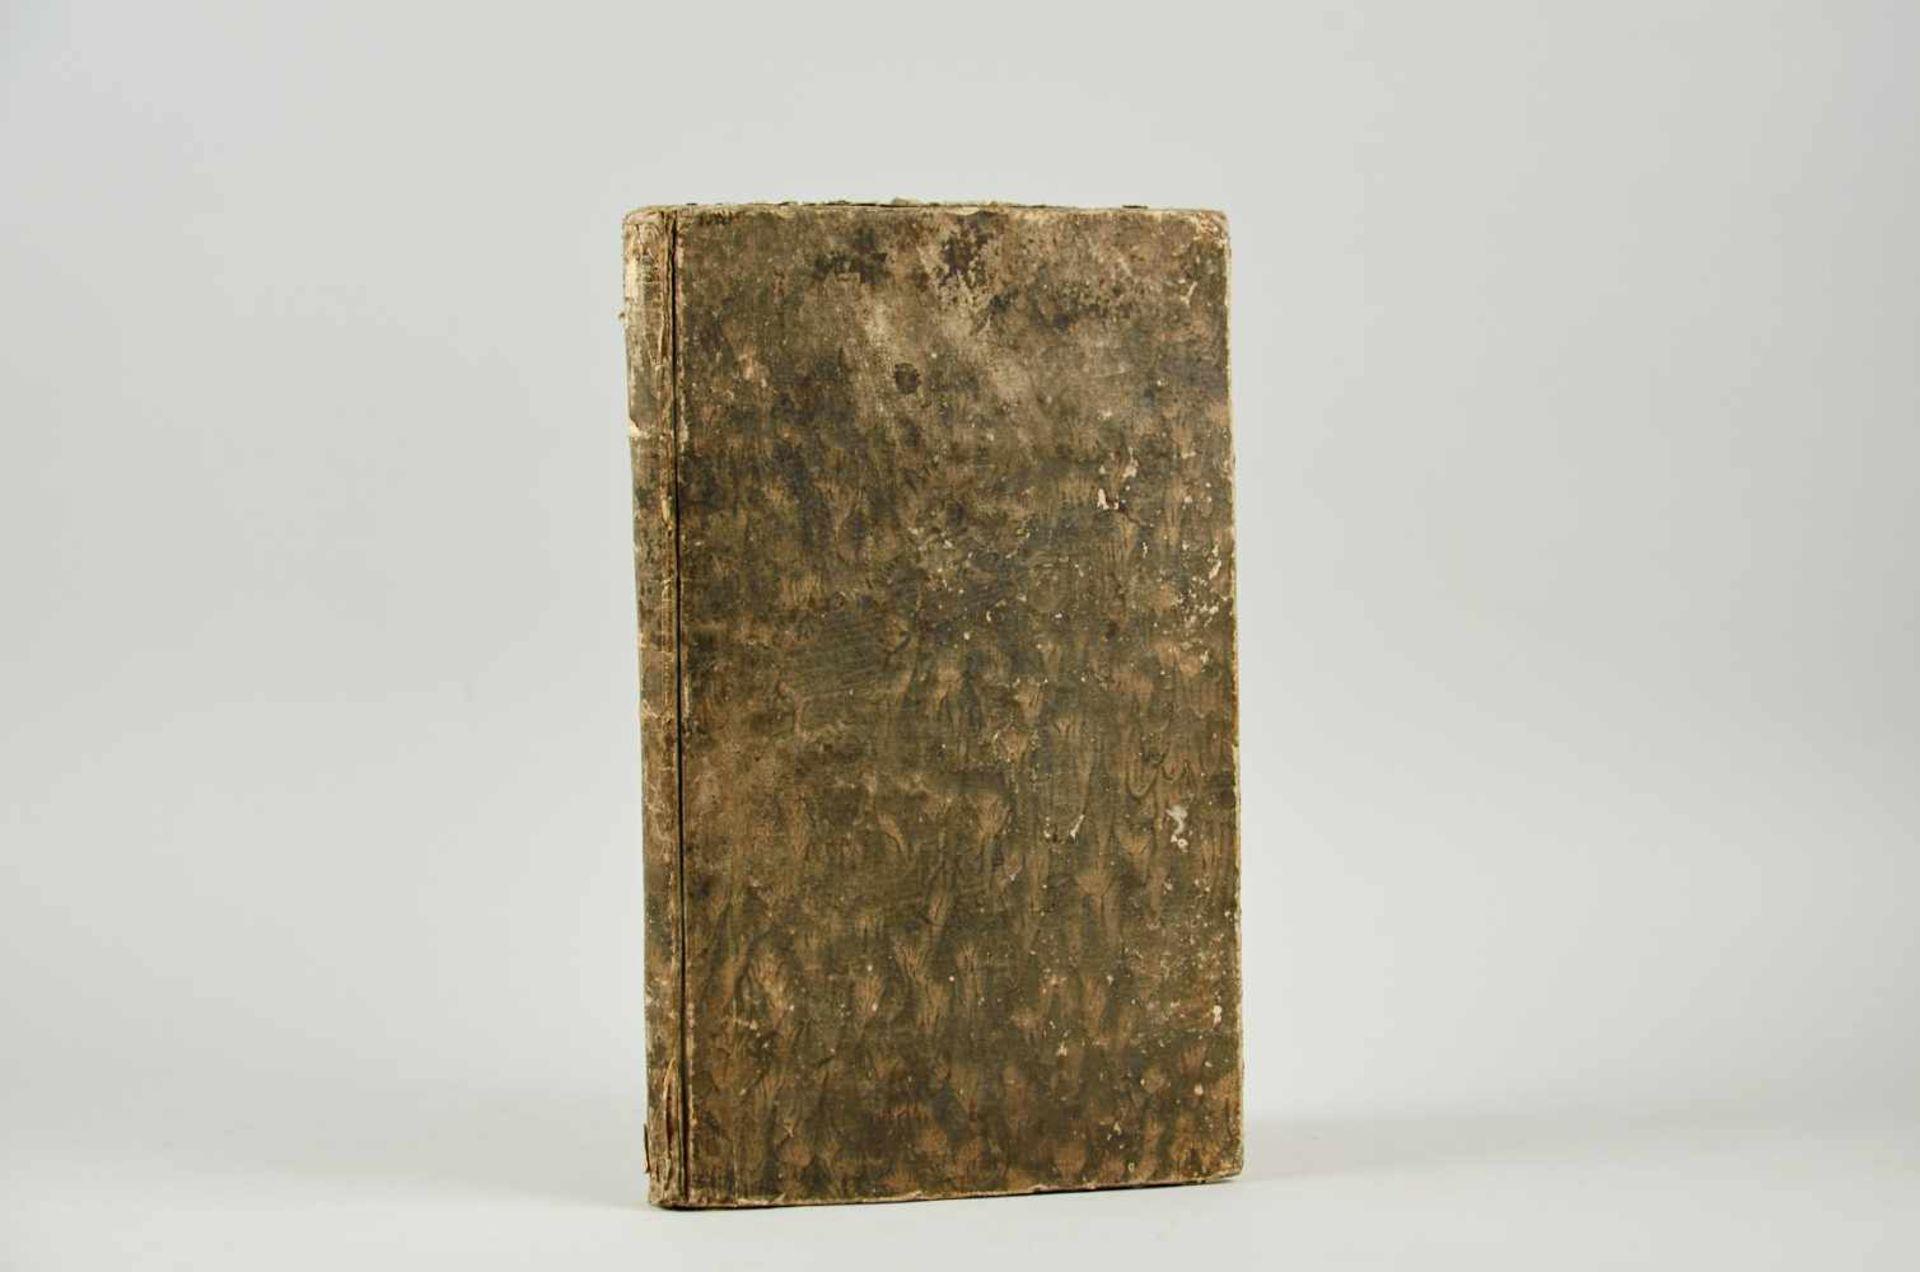 """Rese- """"Clavier Buch für I. Rese. Den 4 Junius 1798.""""Deutsche Handschrift auf Papier. Halberstadt?,"""